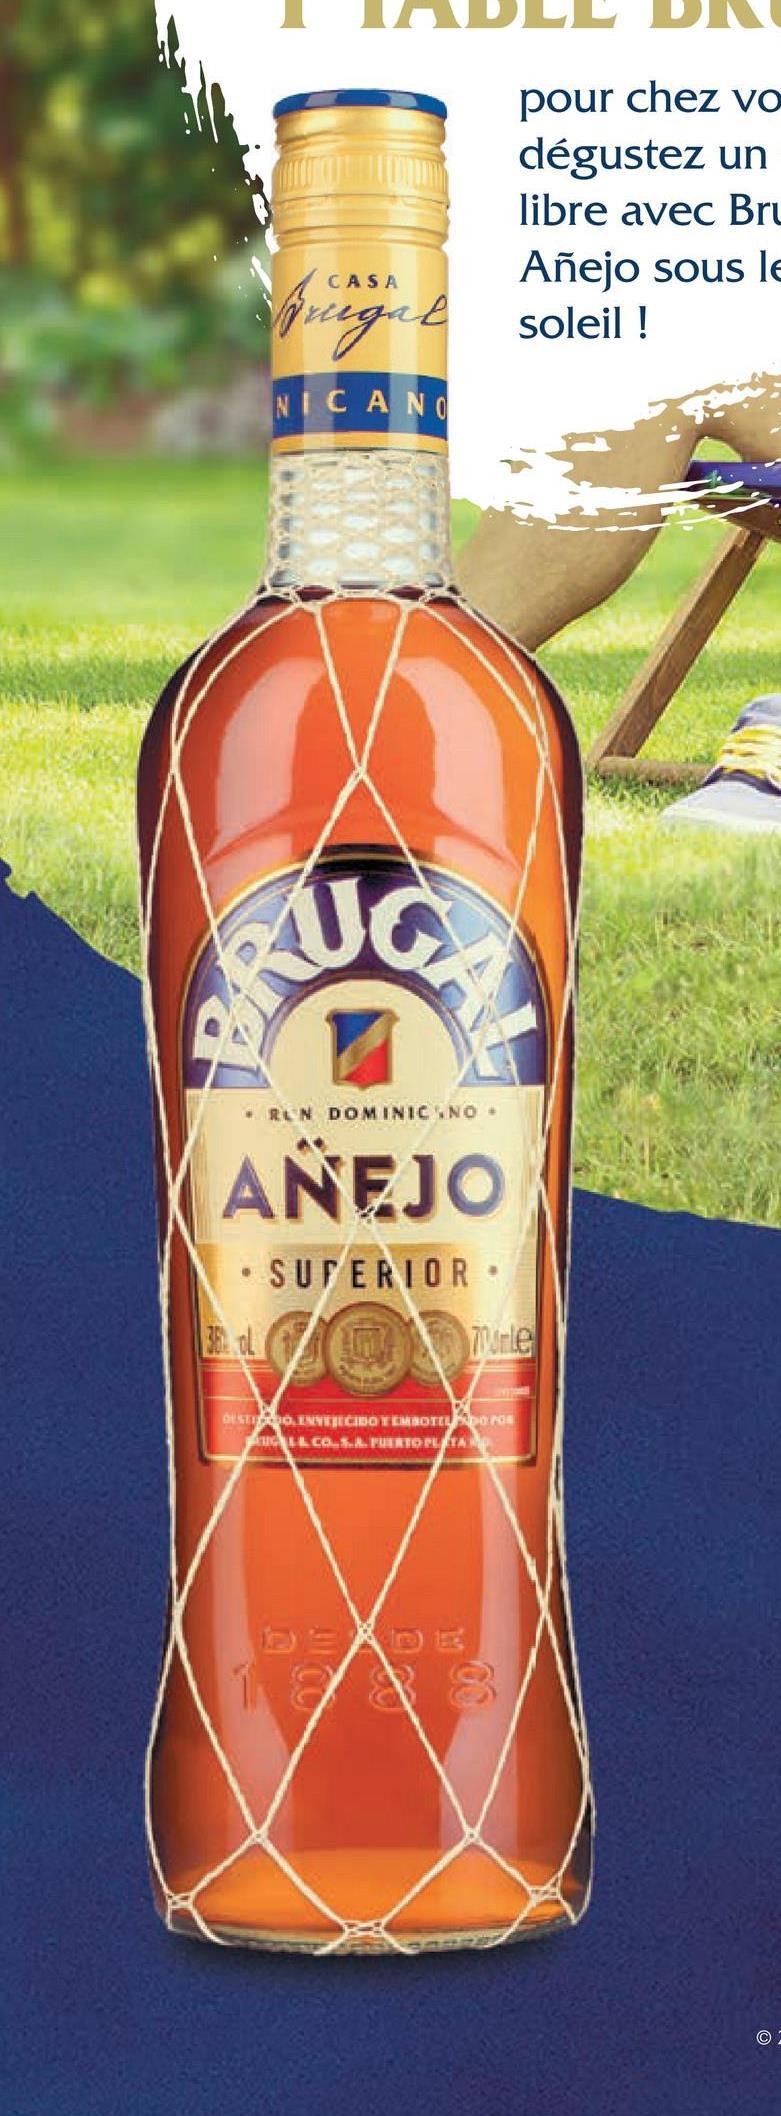 pour chez vo dégustez un libre avec Bru Añejo sous le ringit soleil ! NICANO uc RUN DOMINIC NO. ANEJO SUPERIOR re SOINVEJECIDO Y MOTOR PALCOLA.. TUERTO PLATA